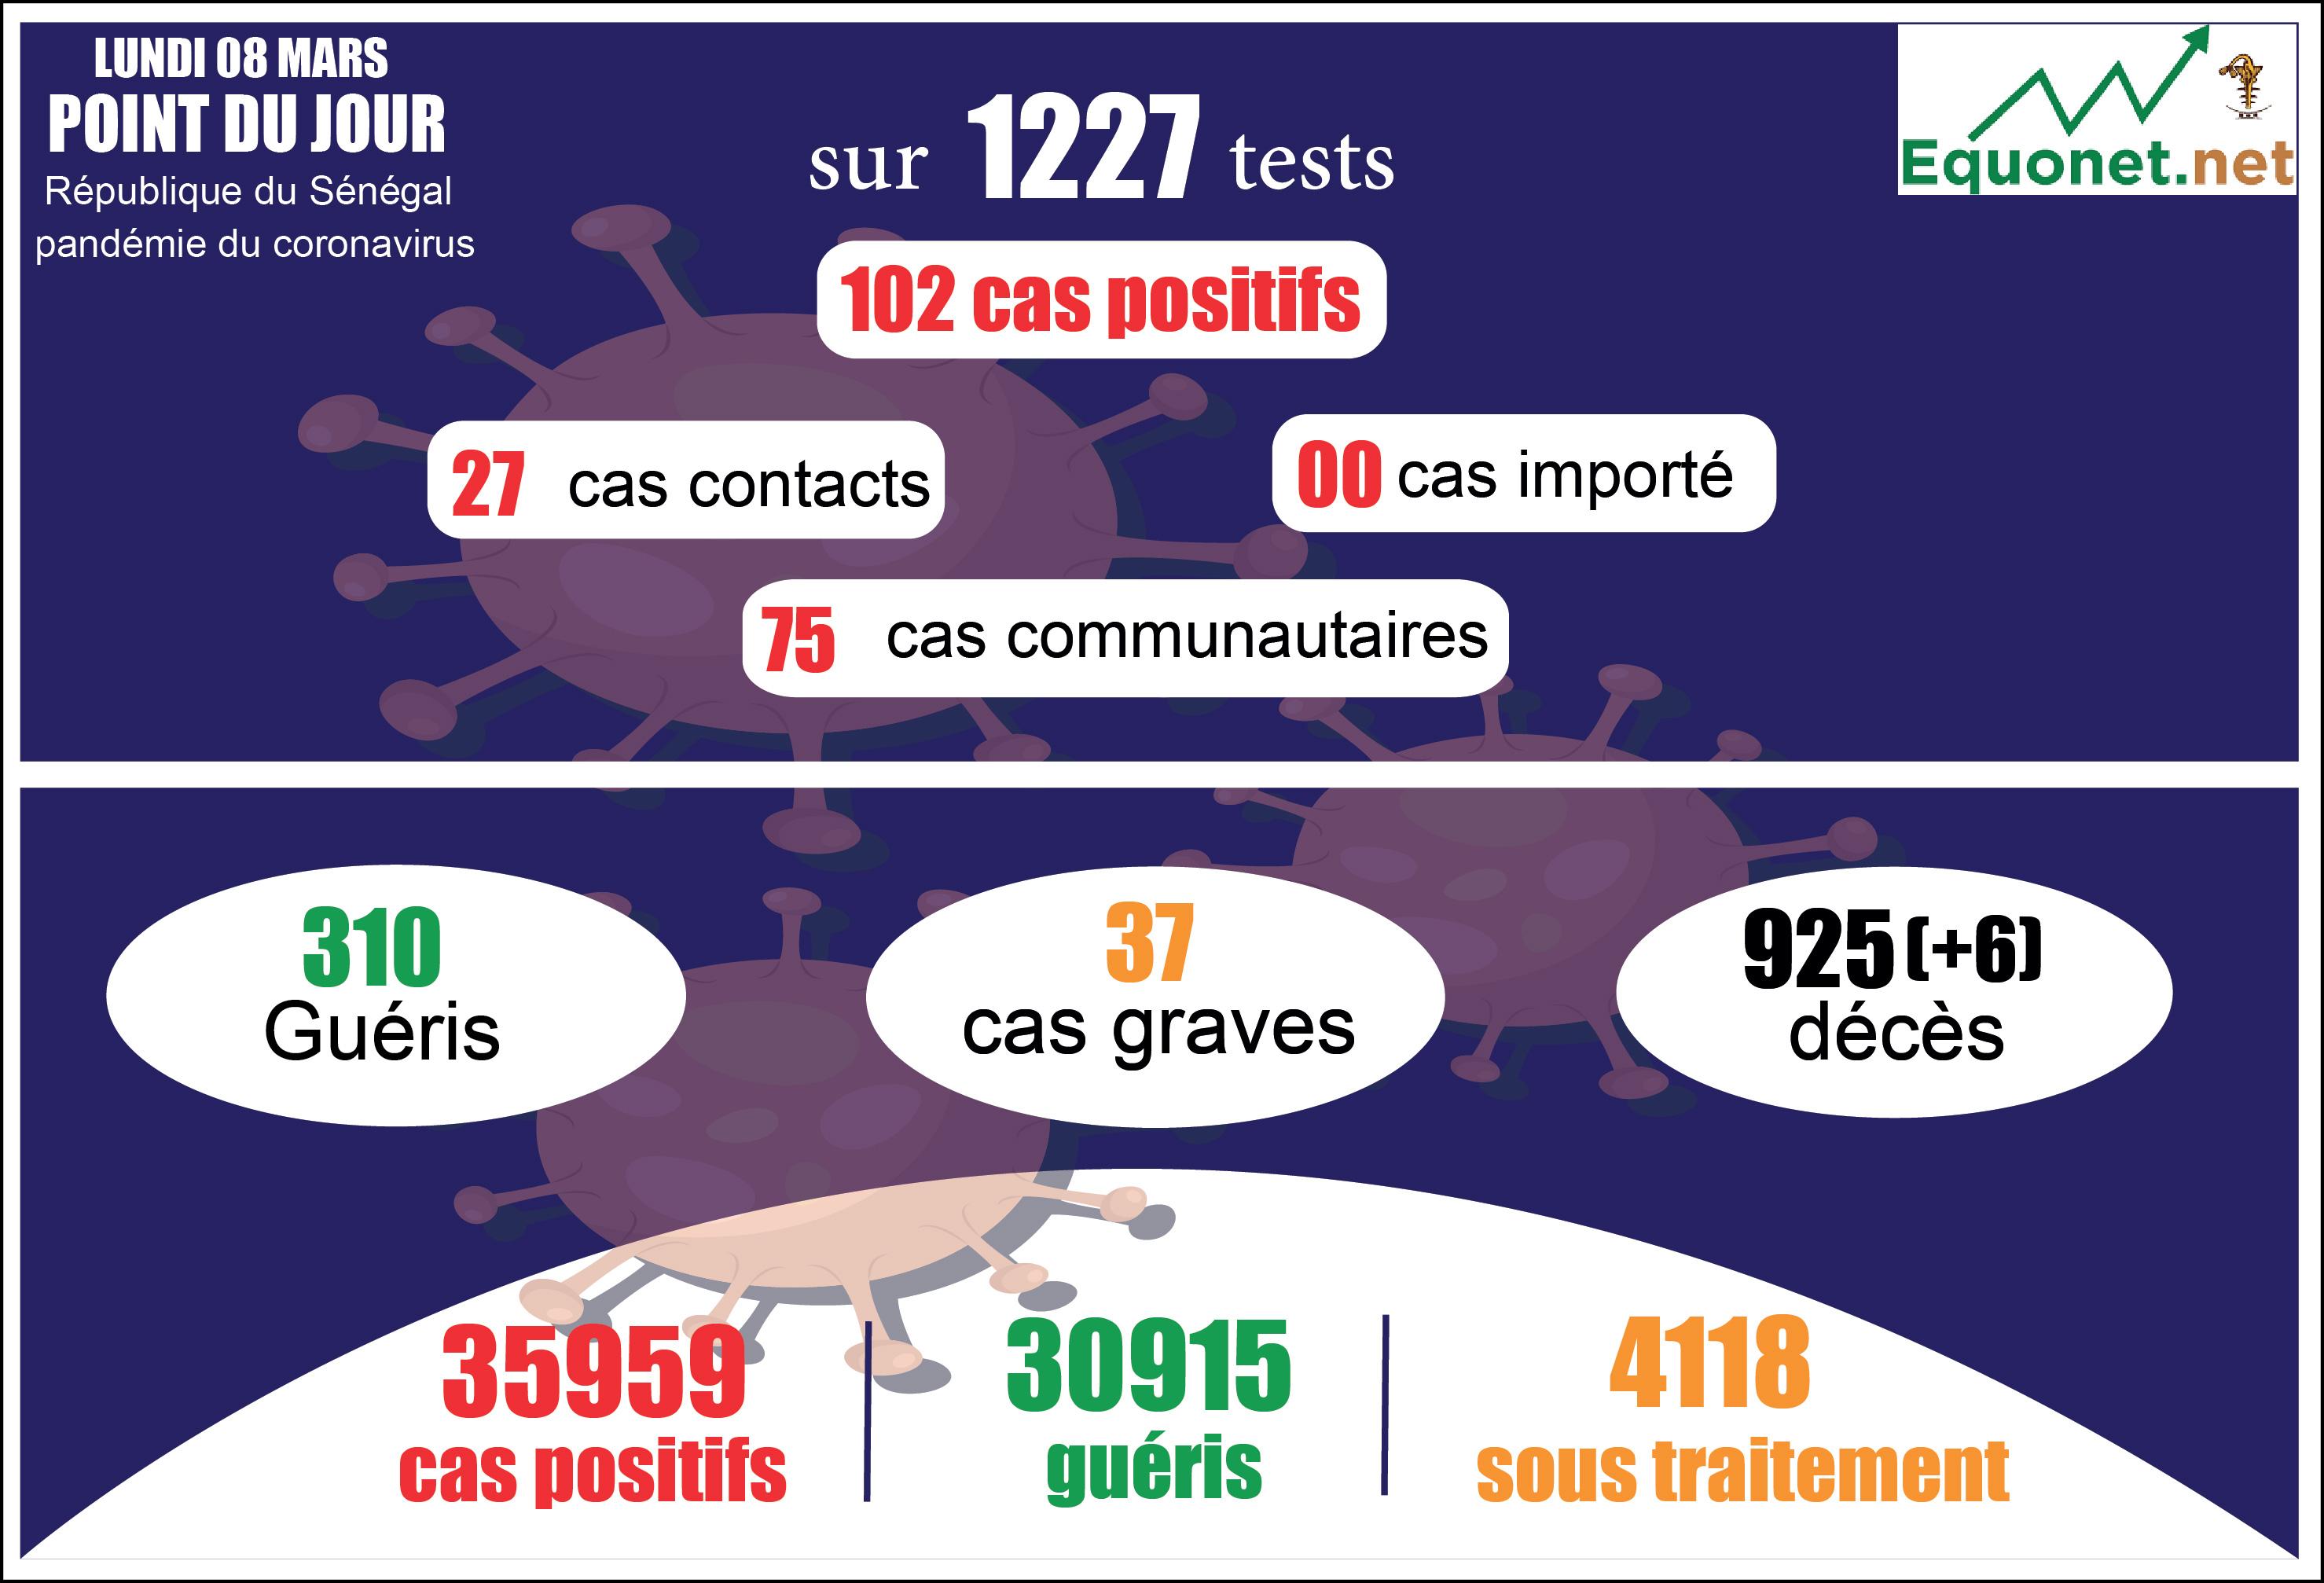 pandémie du coronavirus-covid-19 au sénégal : 75 cas communautaires et 6 décès enregistrés ce lundi 8 mars 2021